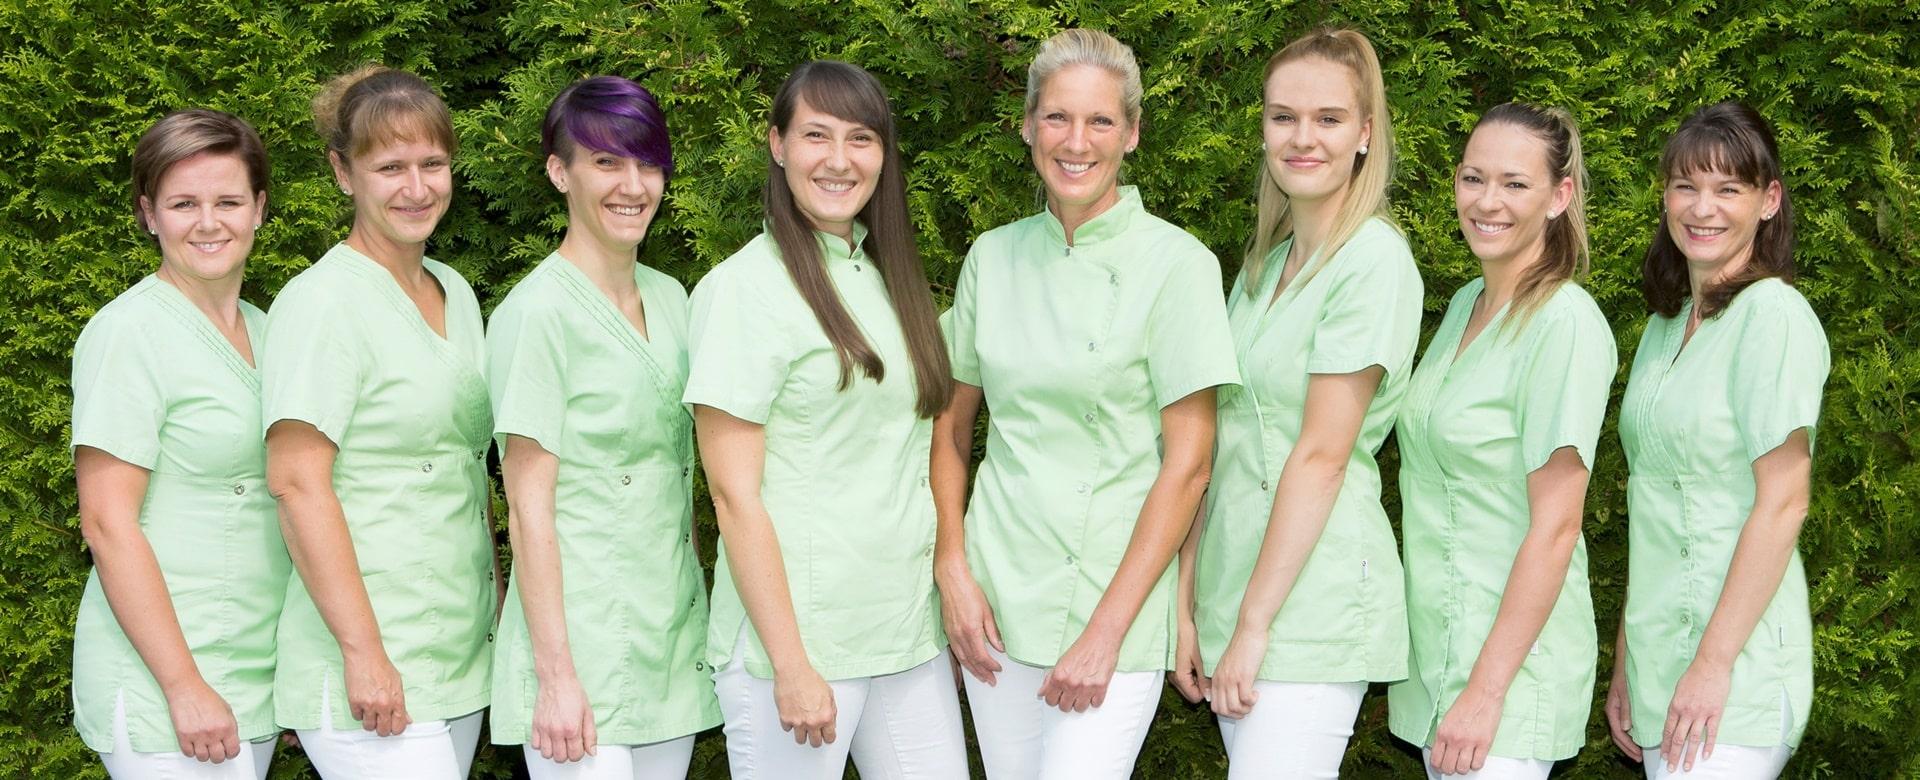 Das Team der Zahnarztpraxis Dr. Melanie Kleyer in Wildau